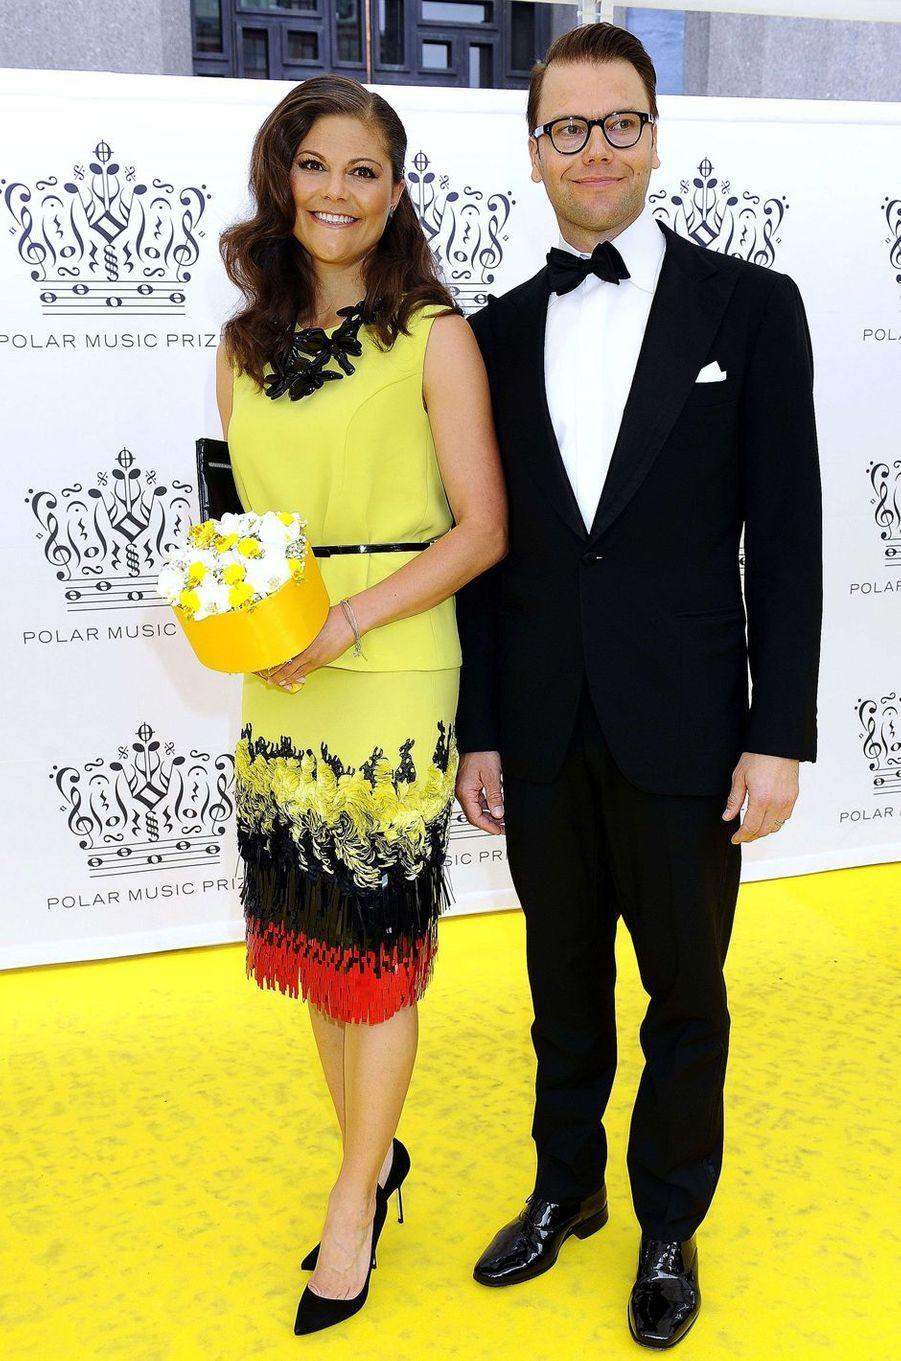 La princesse Victoria de Suède dans une robe Altewai Saome au Polar Music Prize, le 28 août 2012